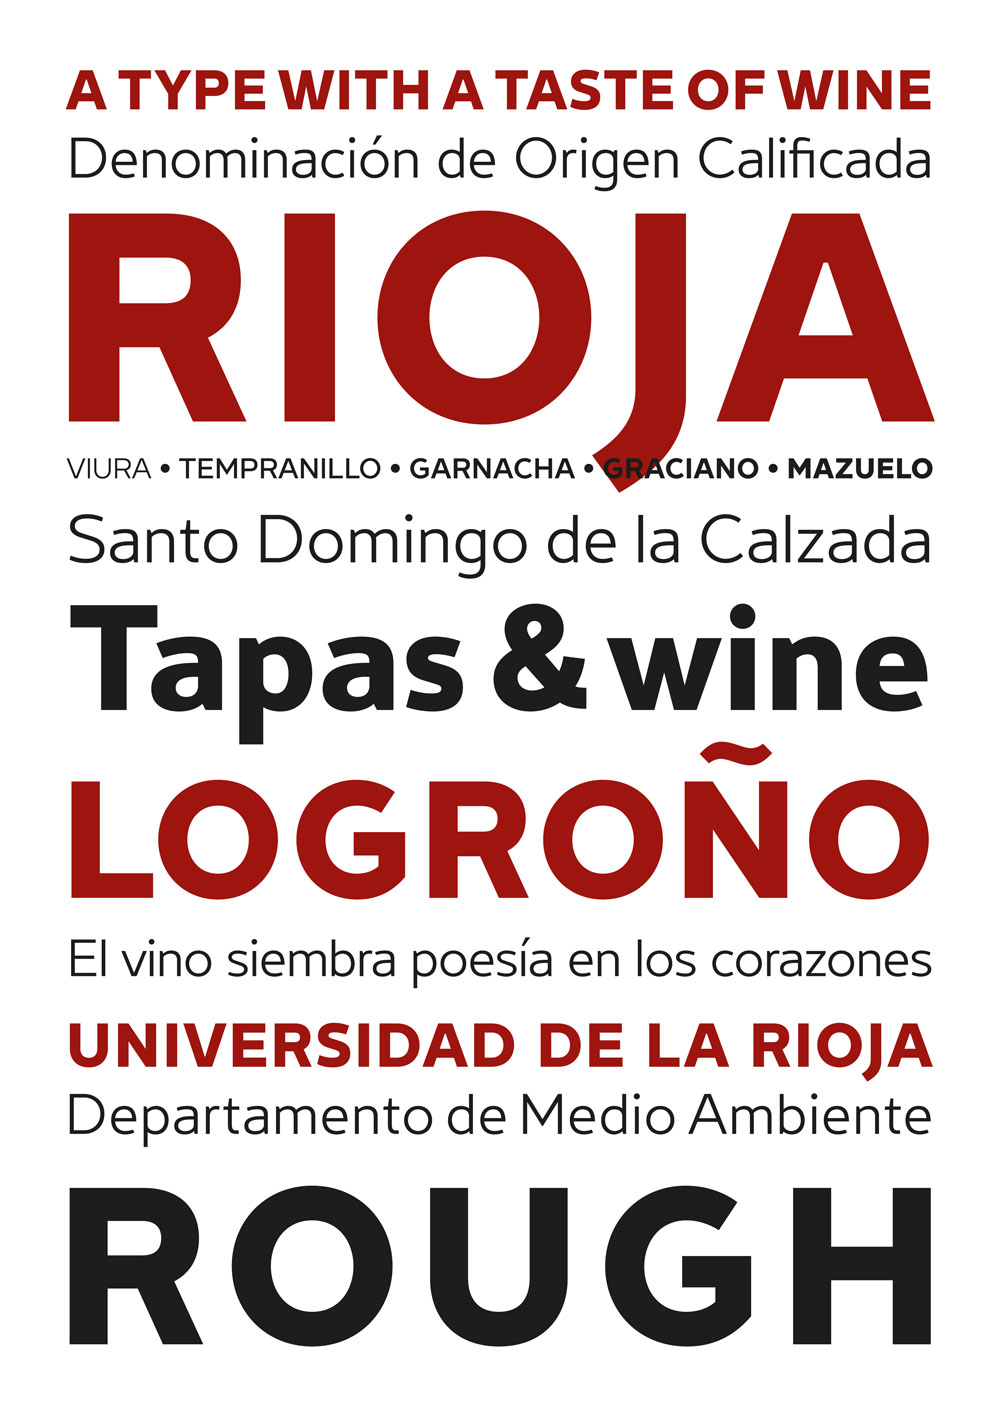 Rioja, la tipo con sabor a vino de Andreu Balius